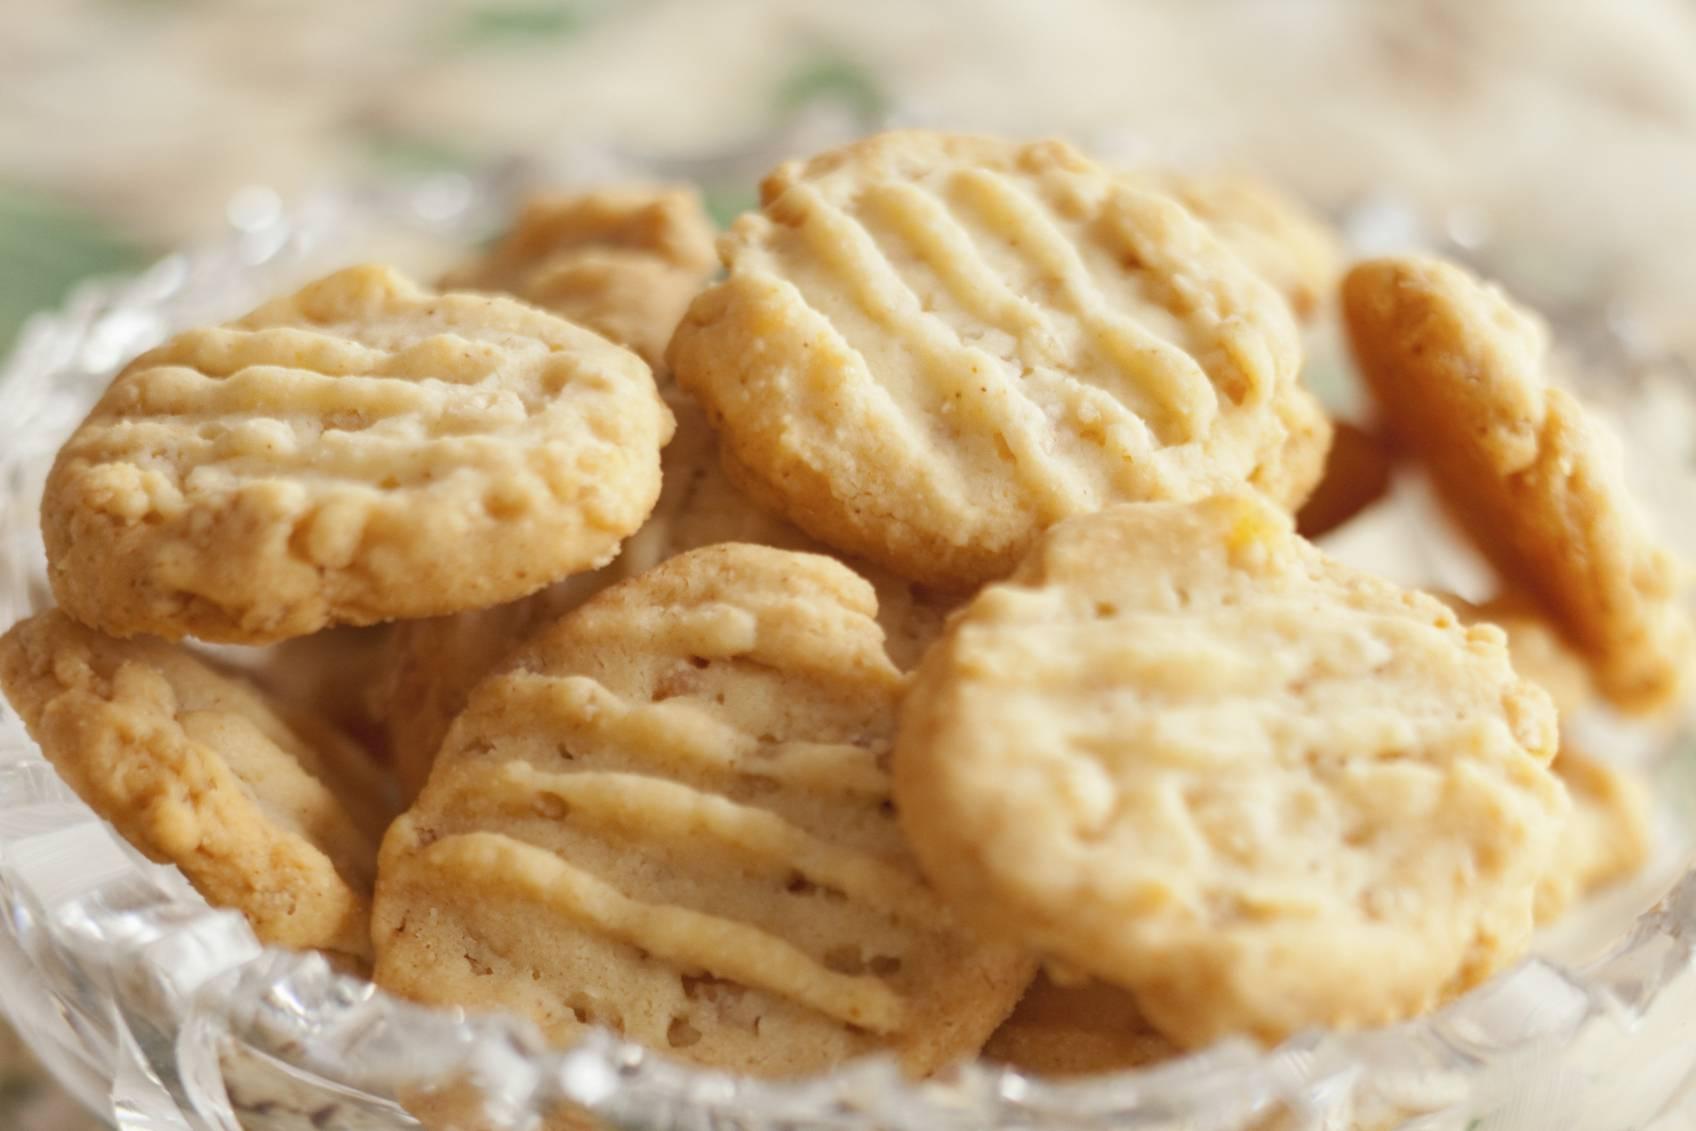 Biscotti alla birra, la ricetta perfetta per un gustoso aperitivo in compagnia